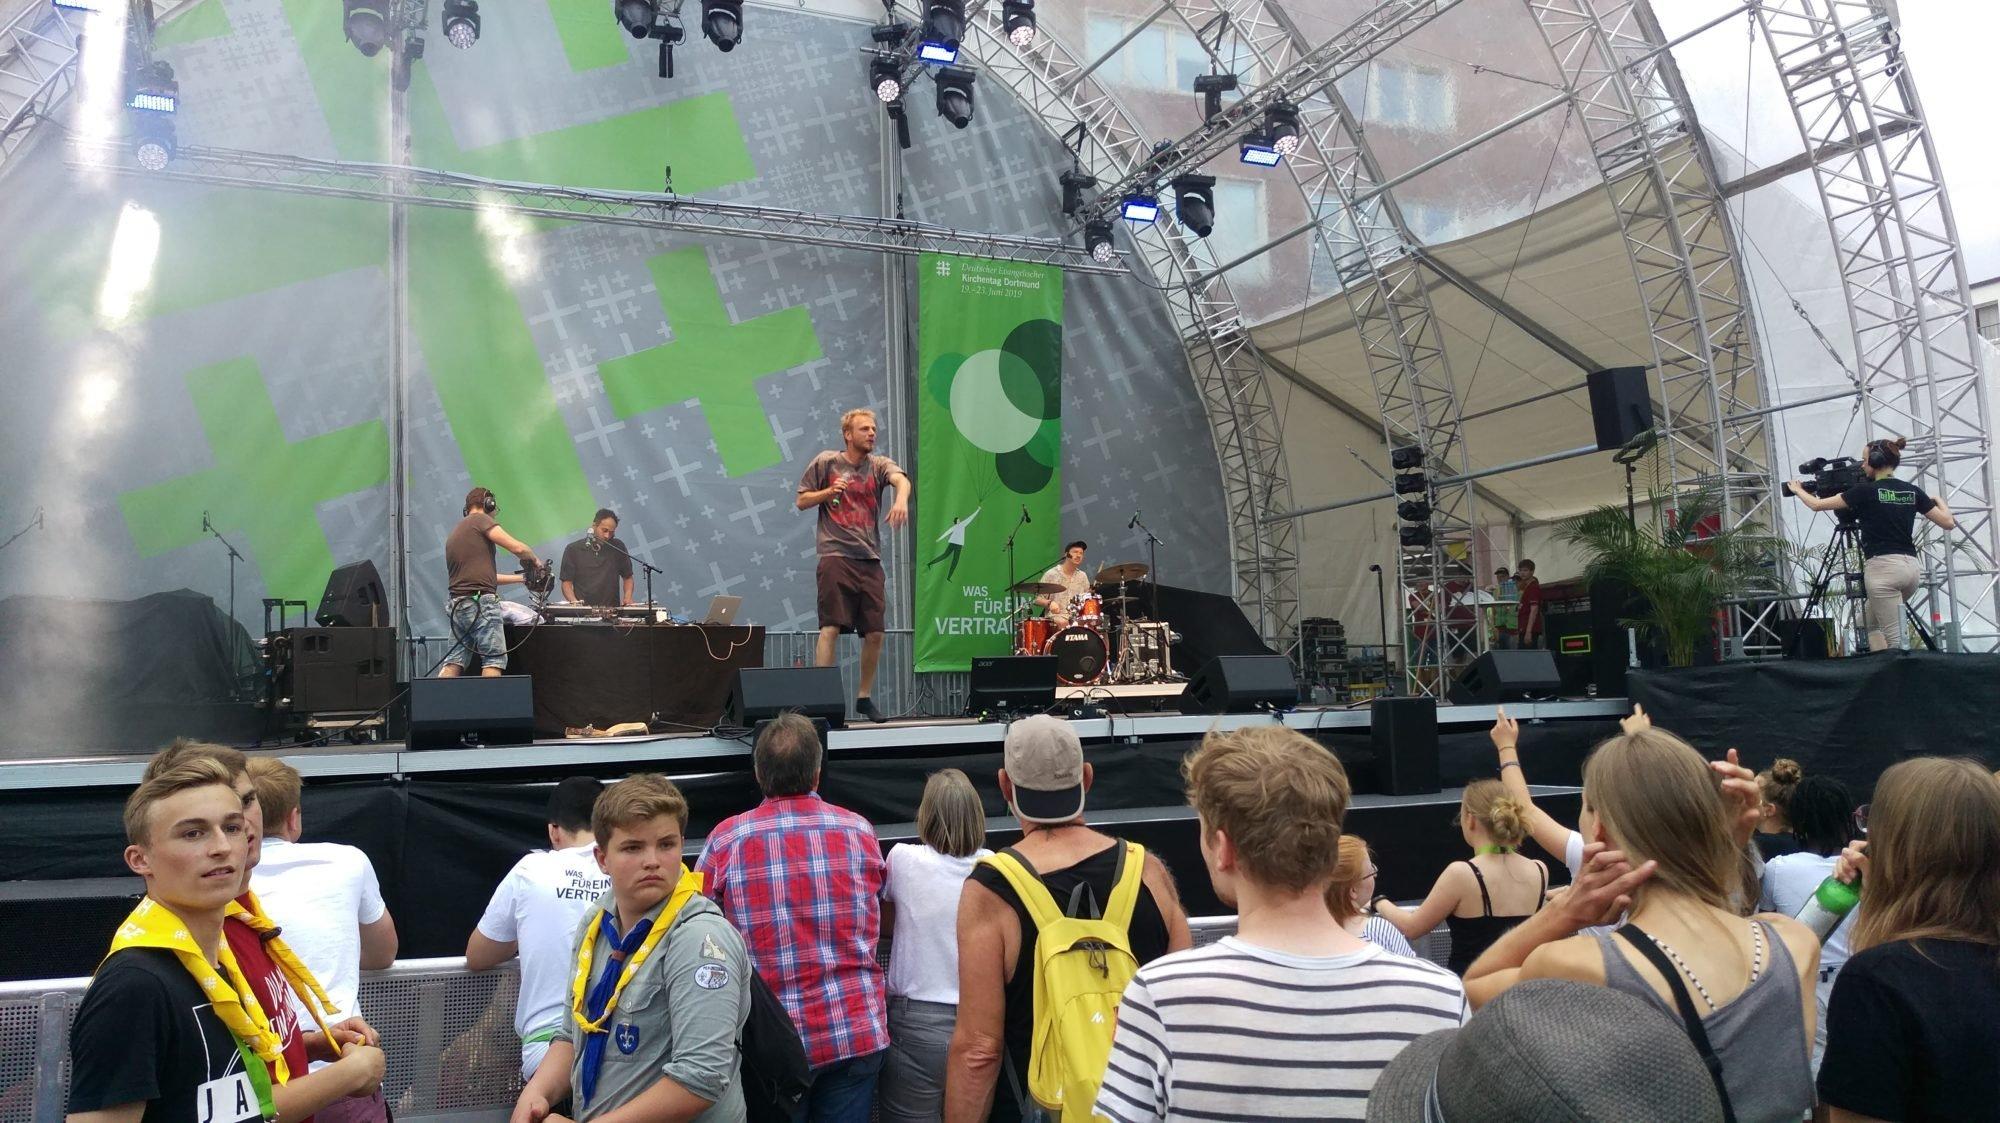 Foto aus der Menge Richtung Bühne, wo Schlakks gerade auftritt.